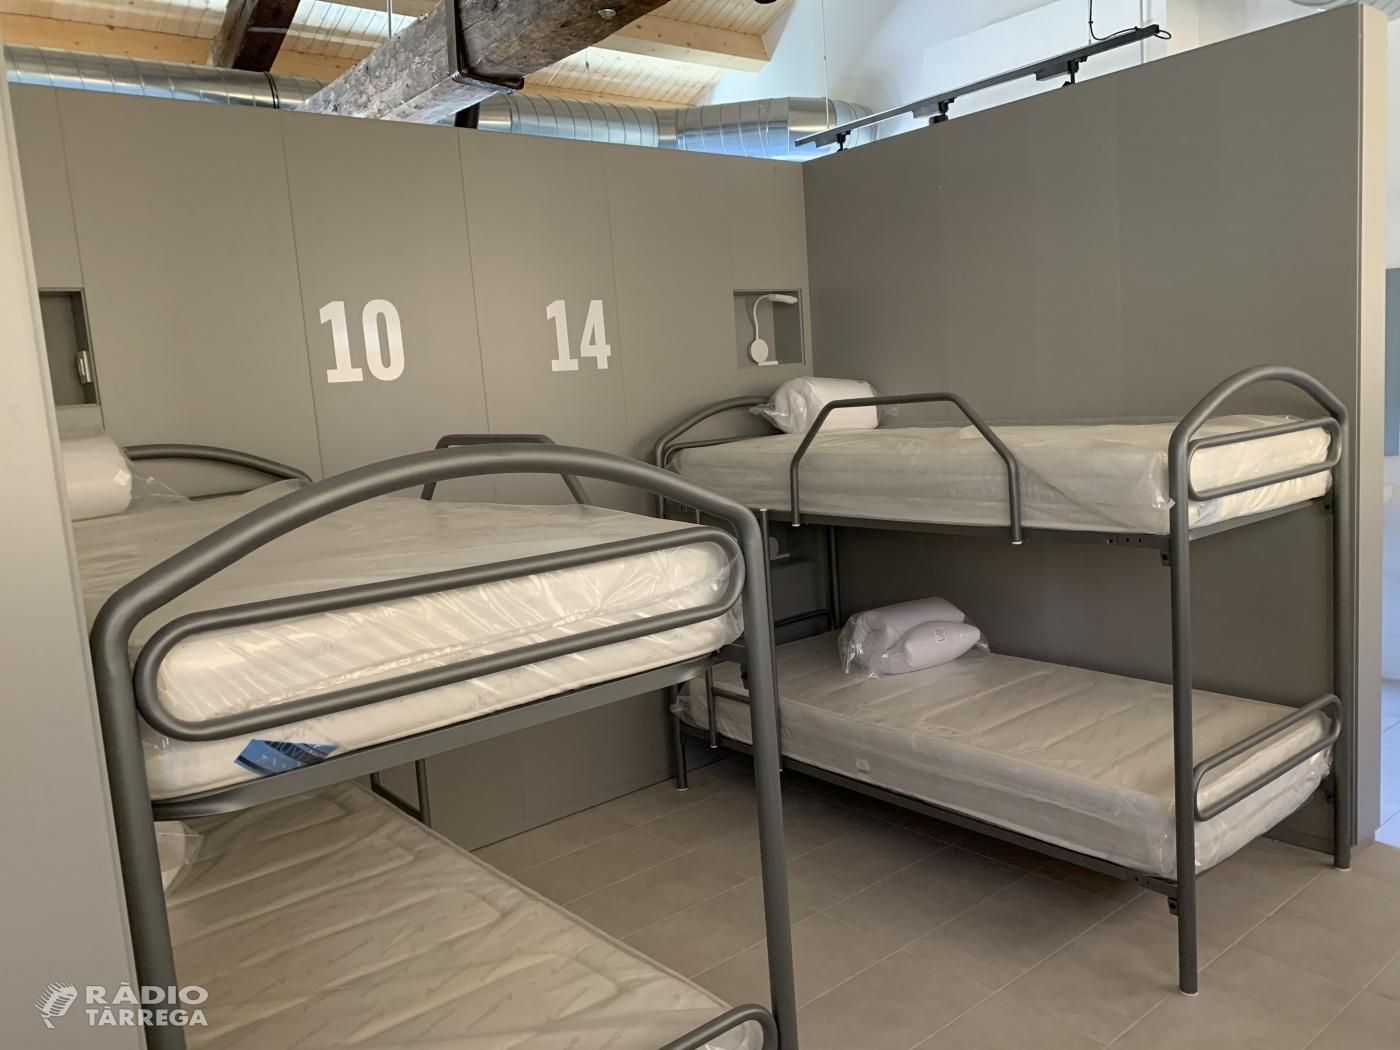 Vallbona de les Monges ja disposa de nou alberg